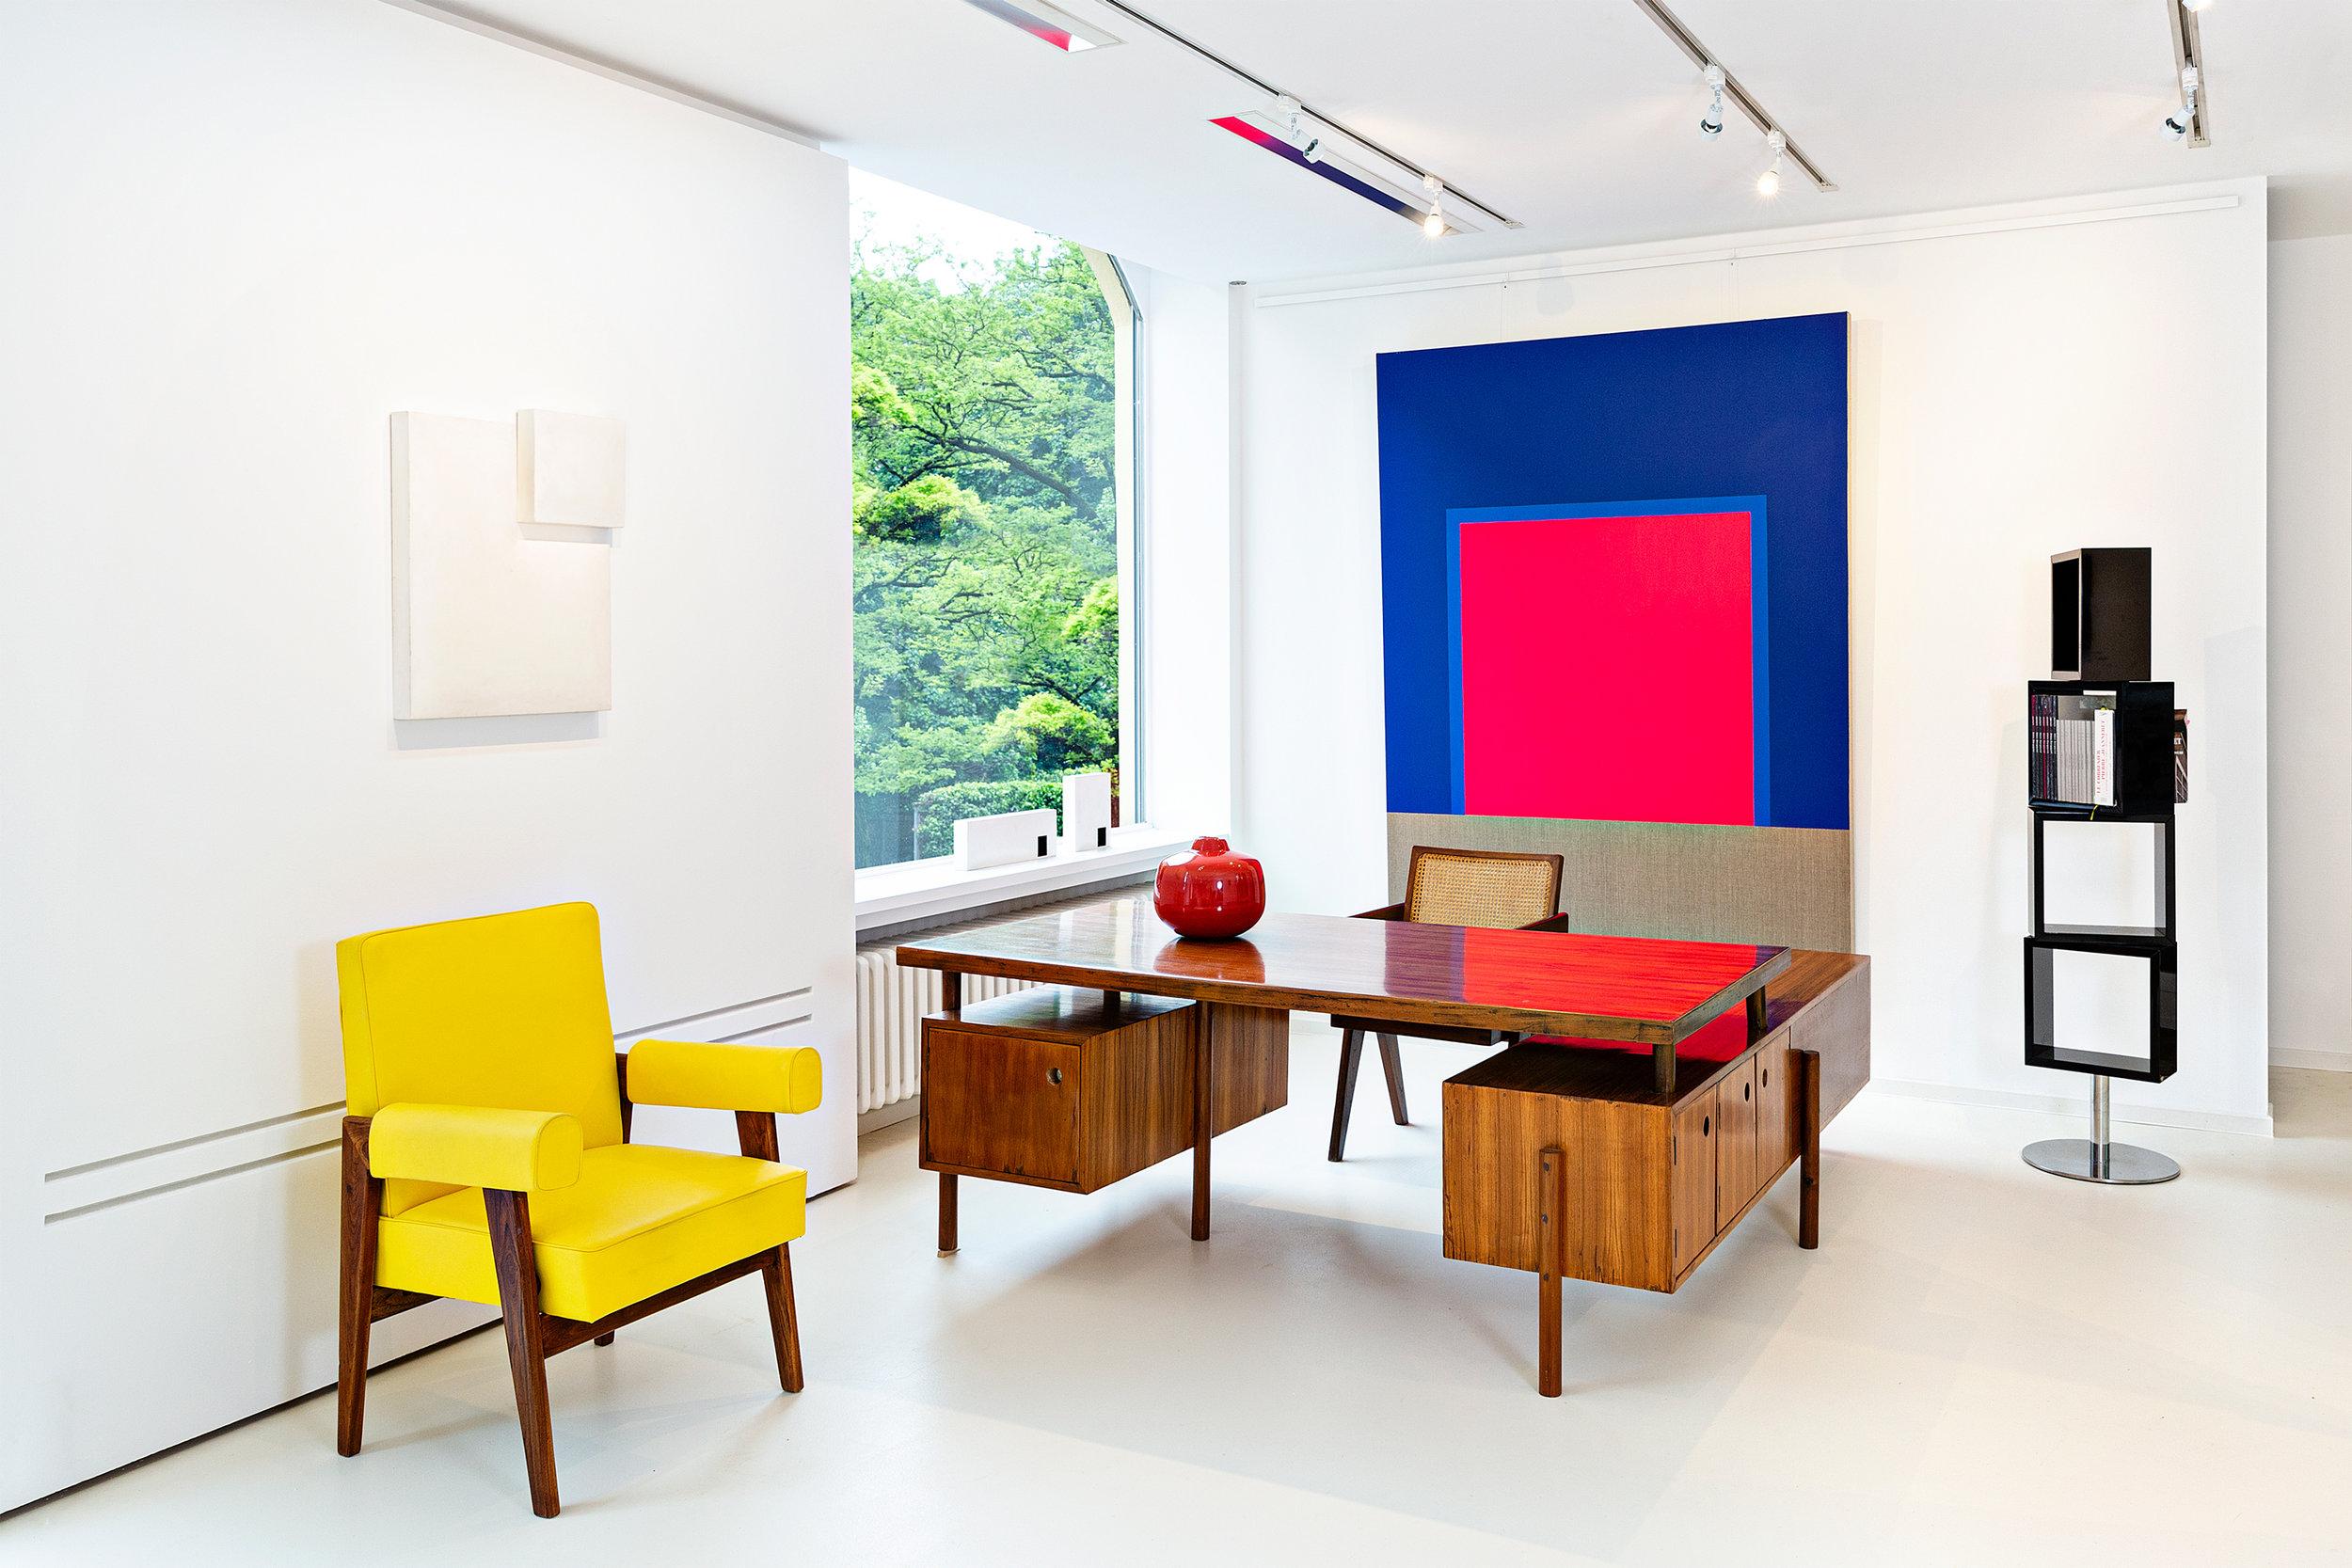 Innenansicht der der Galerie mit Design von Pierre Jeanneret und Kunst von Christian Muscheid und Mats Bergquist, Foto Francesco Giordano